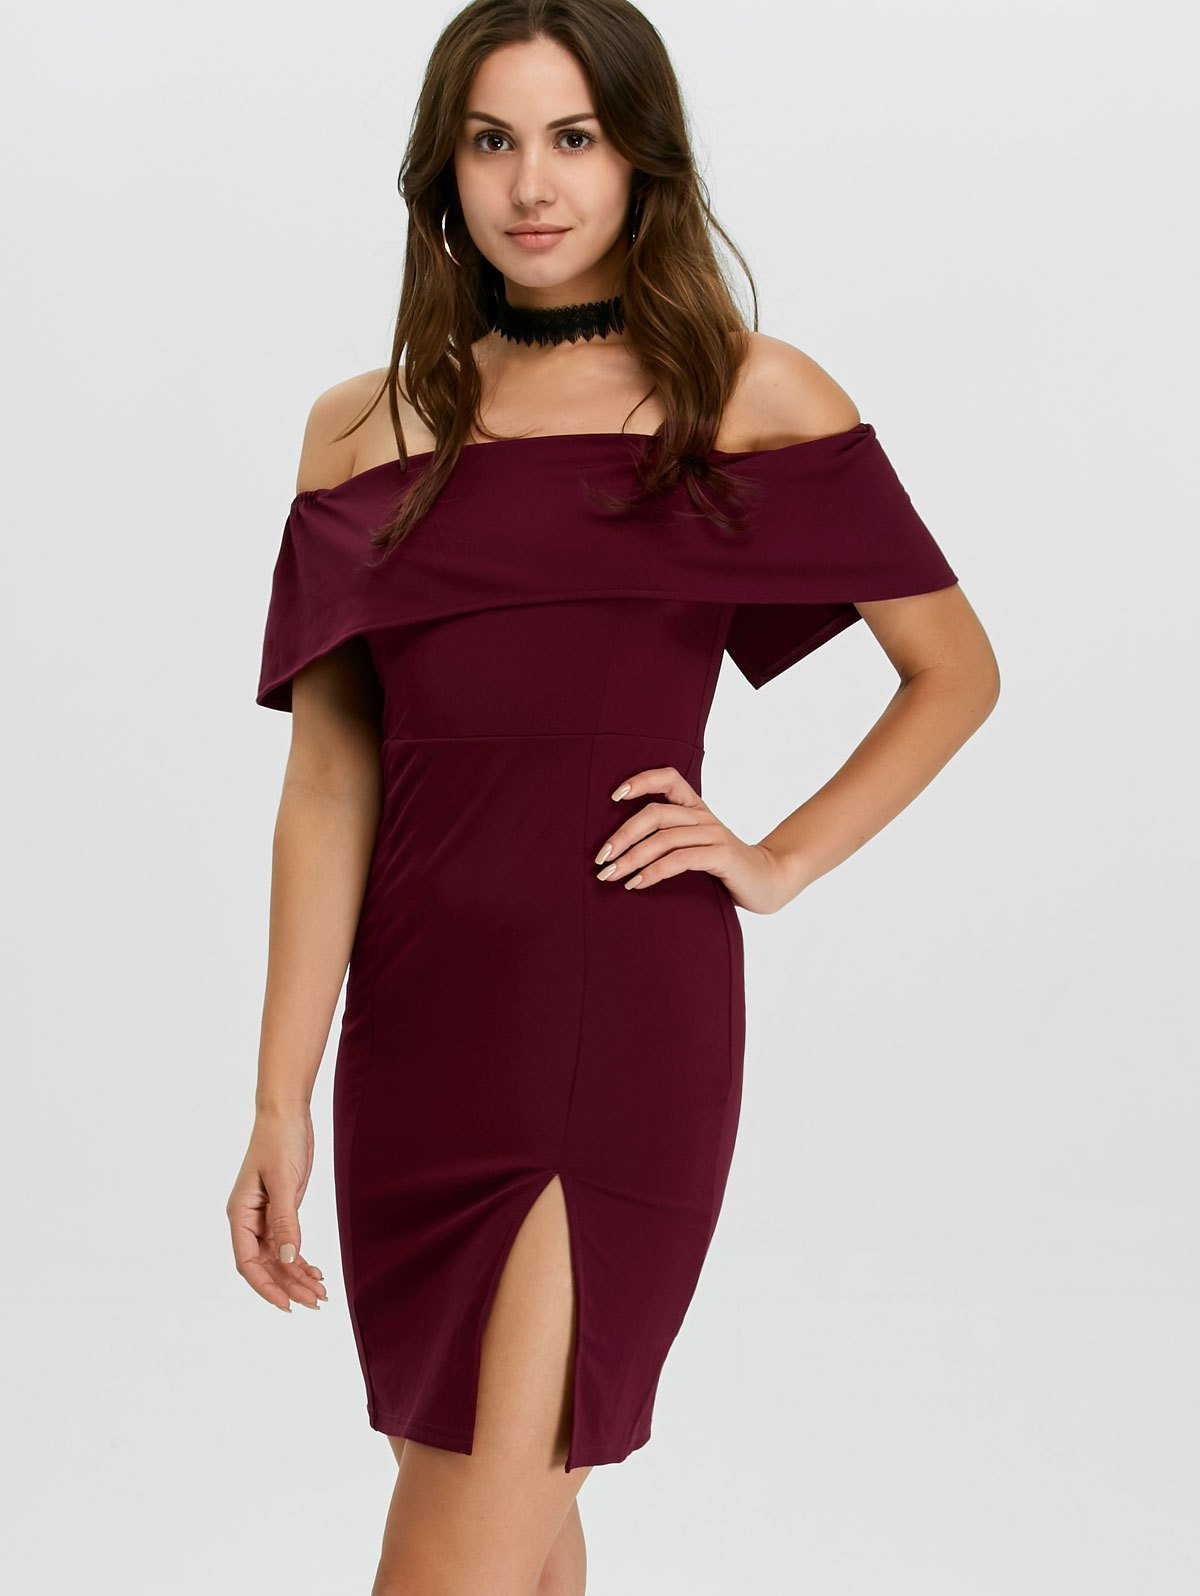 5f0c157551045e8 Короткое бордовое платье с открытыми плечами Короткое бордовое платье с открытыми  плечами